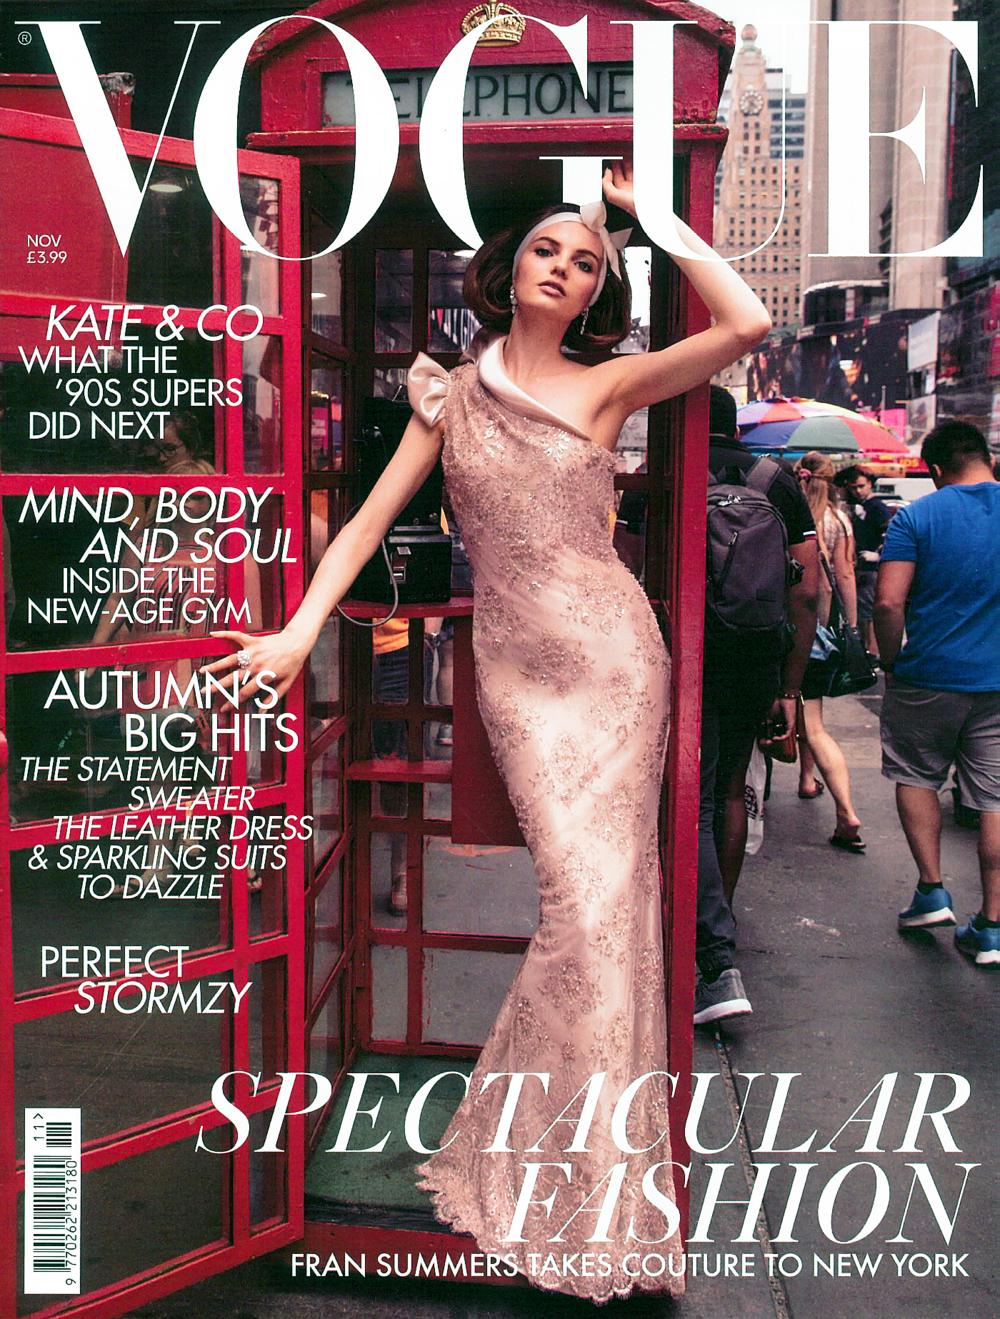 IMWIM British Vogue Nov Issue Designer Profile Cover